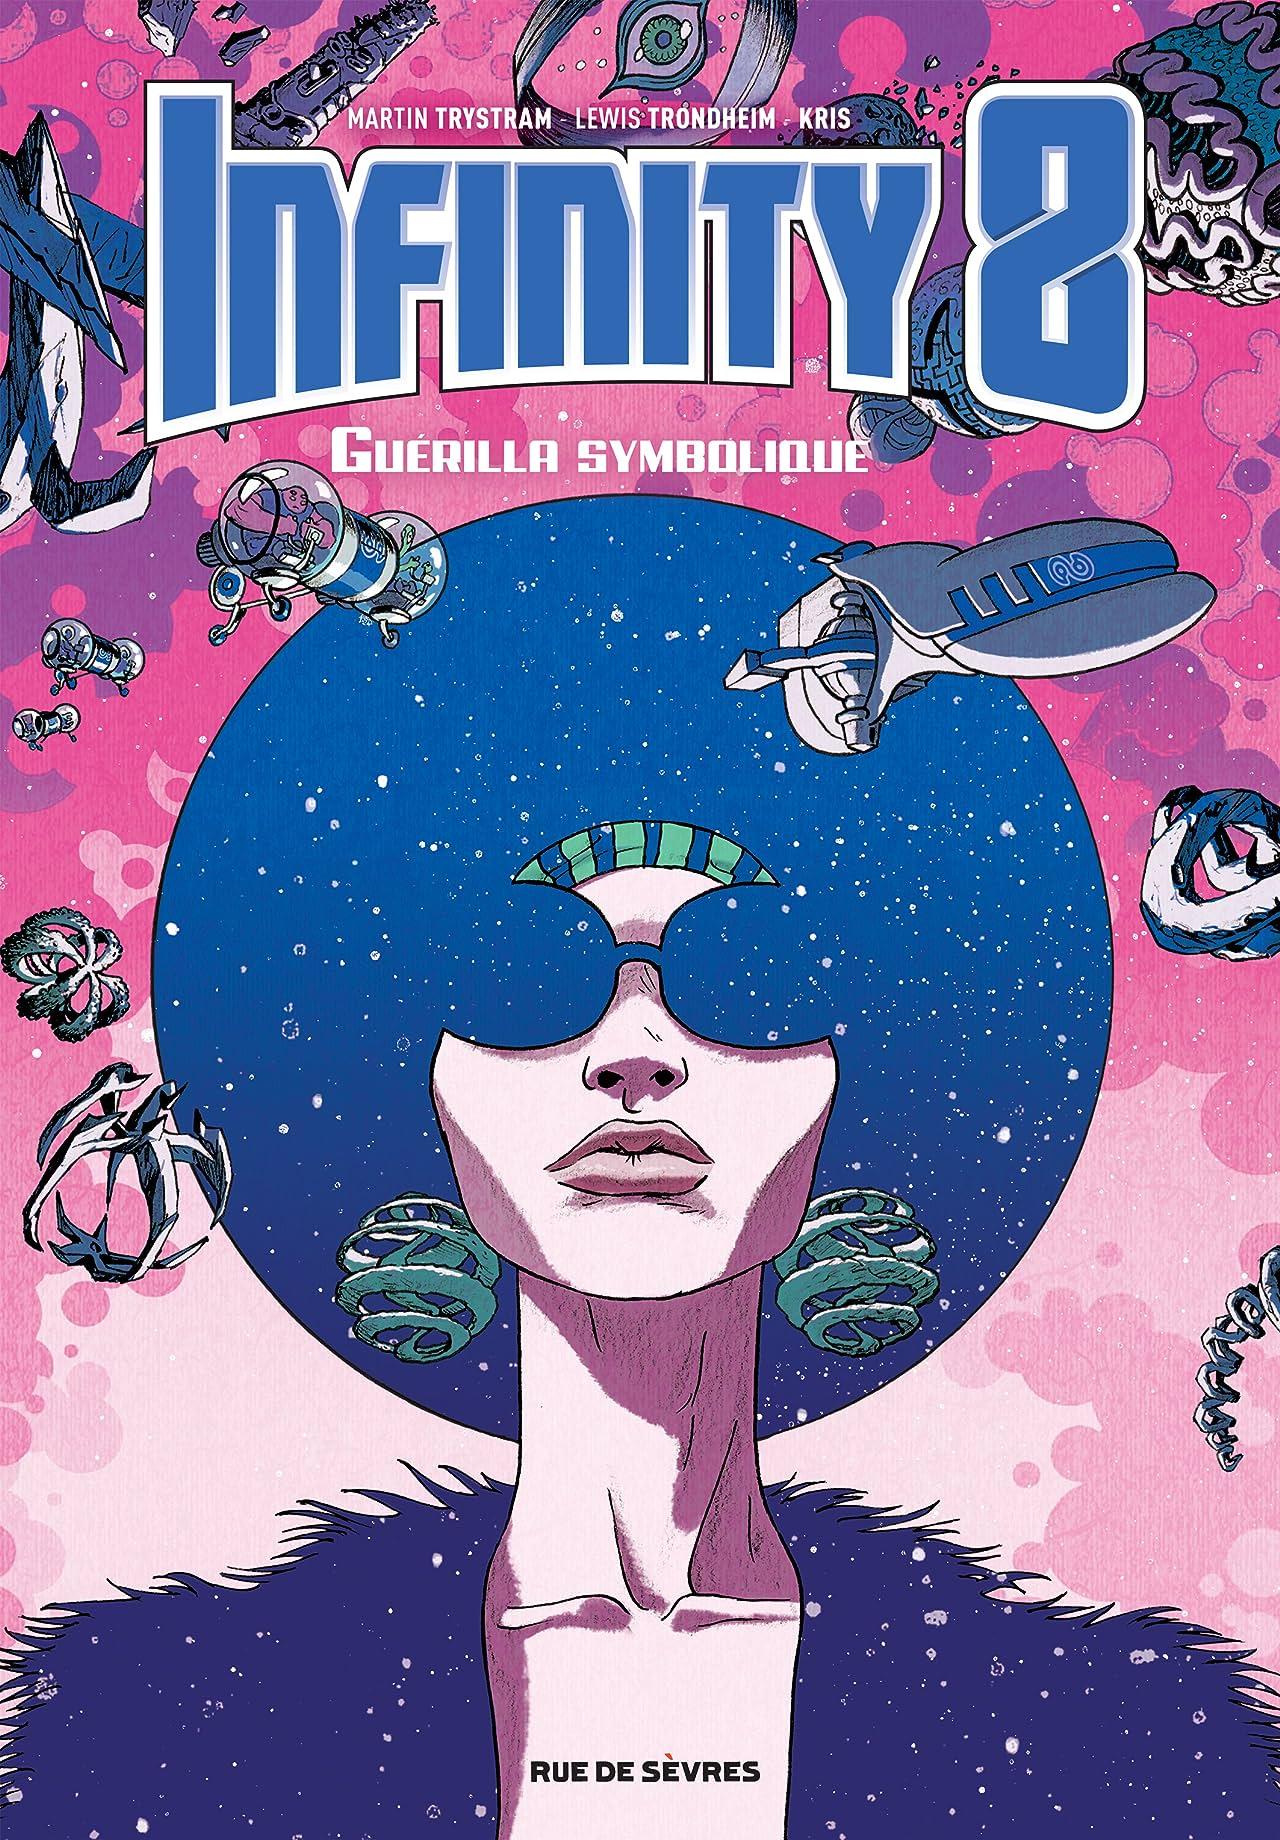 Infinity 8 Vol. 4: Guérilla symbolique